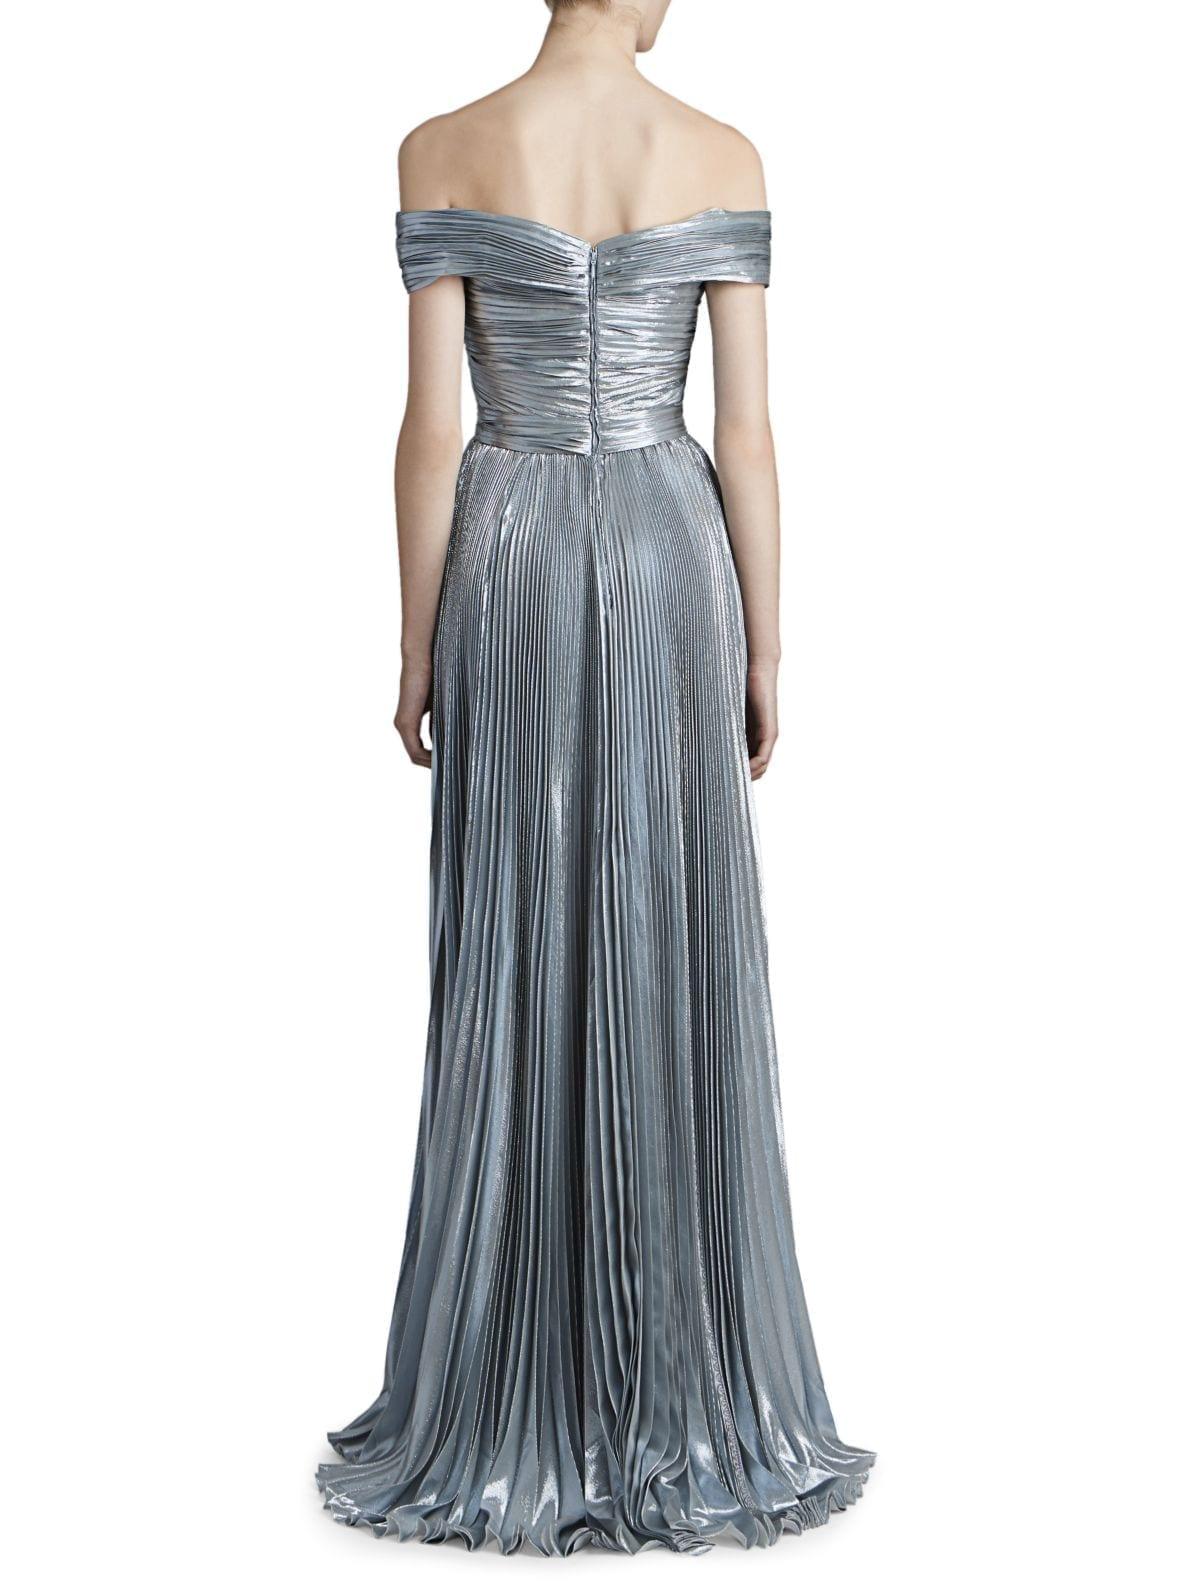 ZUHAIR MURAD Azdorado Off-The-Shoulder Plissé Gown